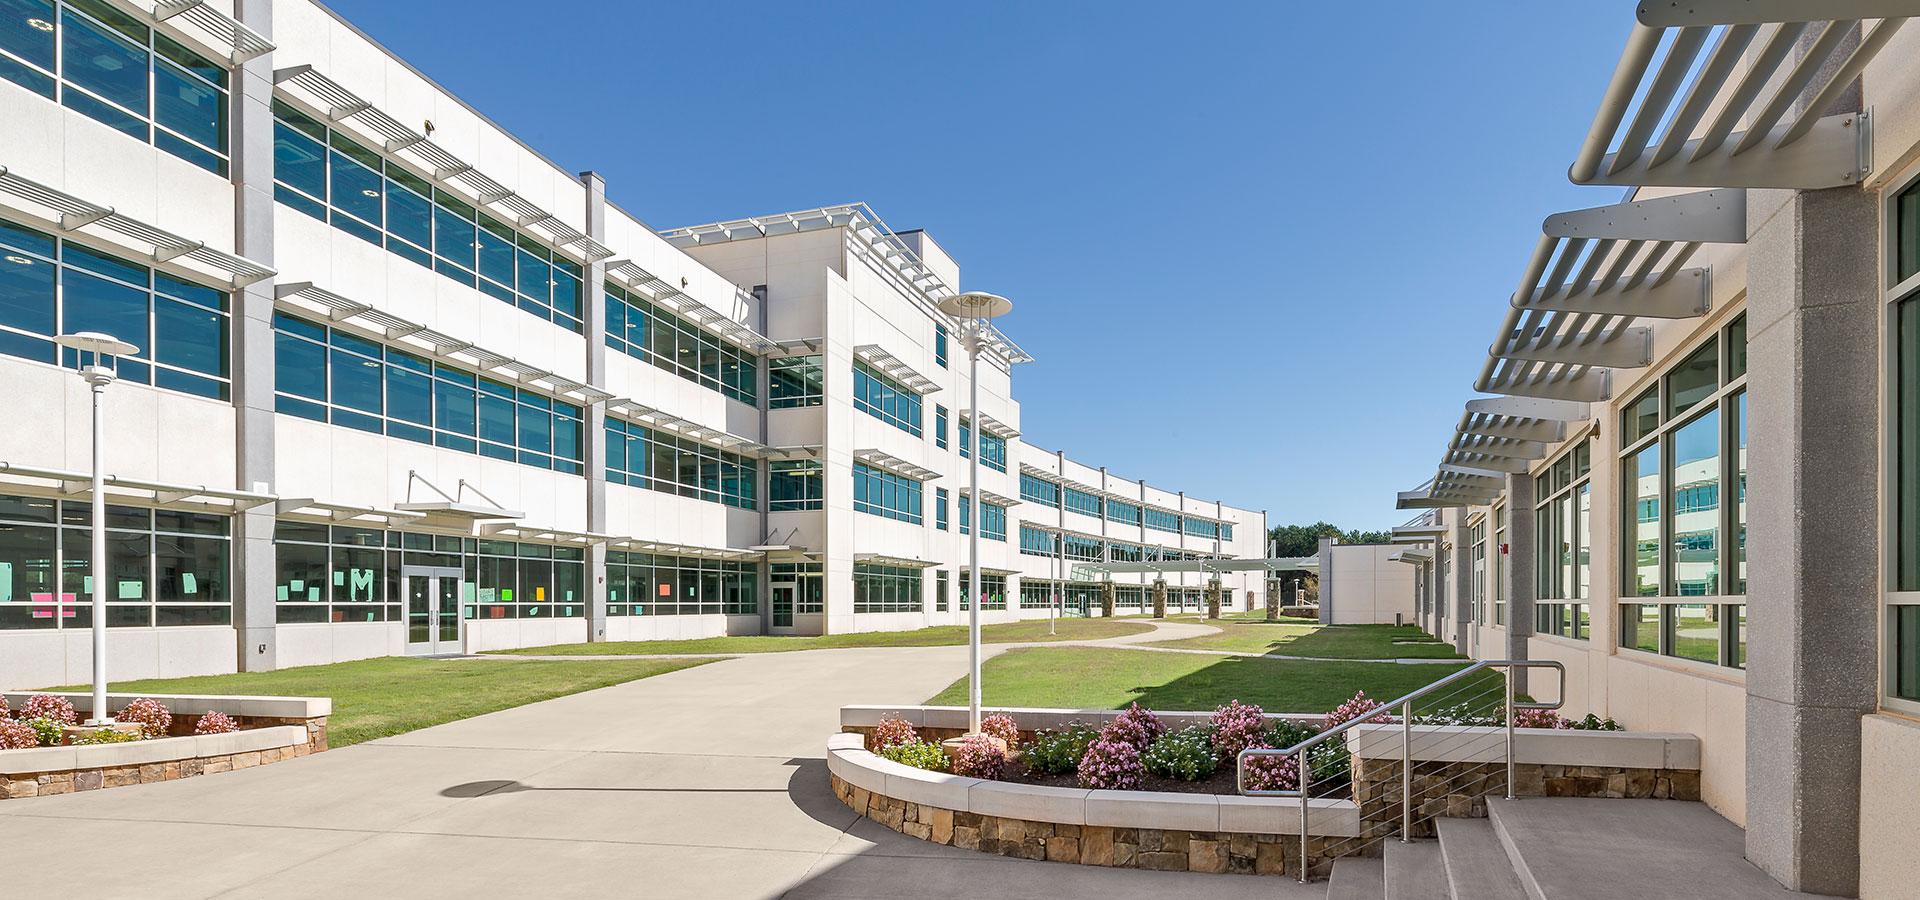 Fairfield High School Winnsboro Sc